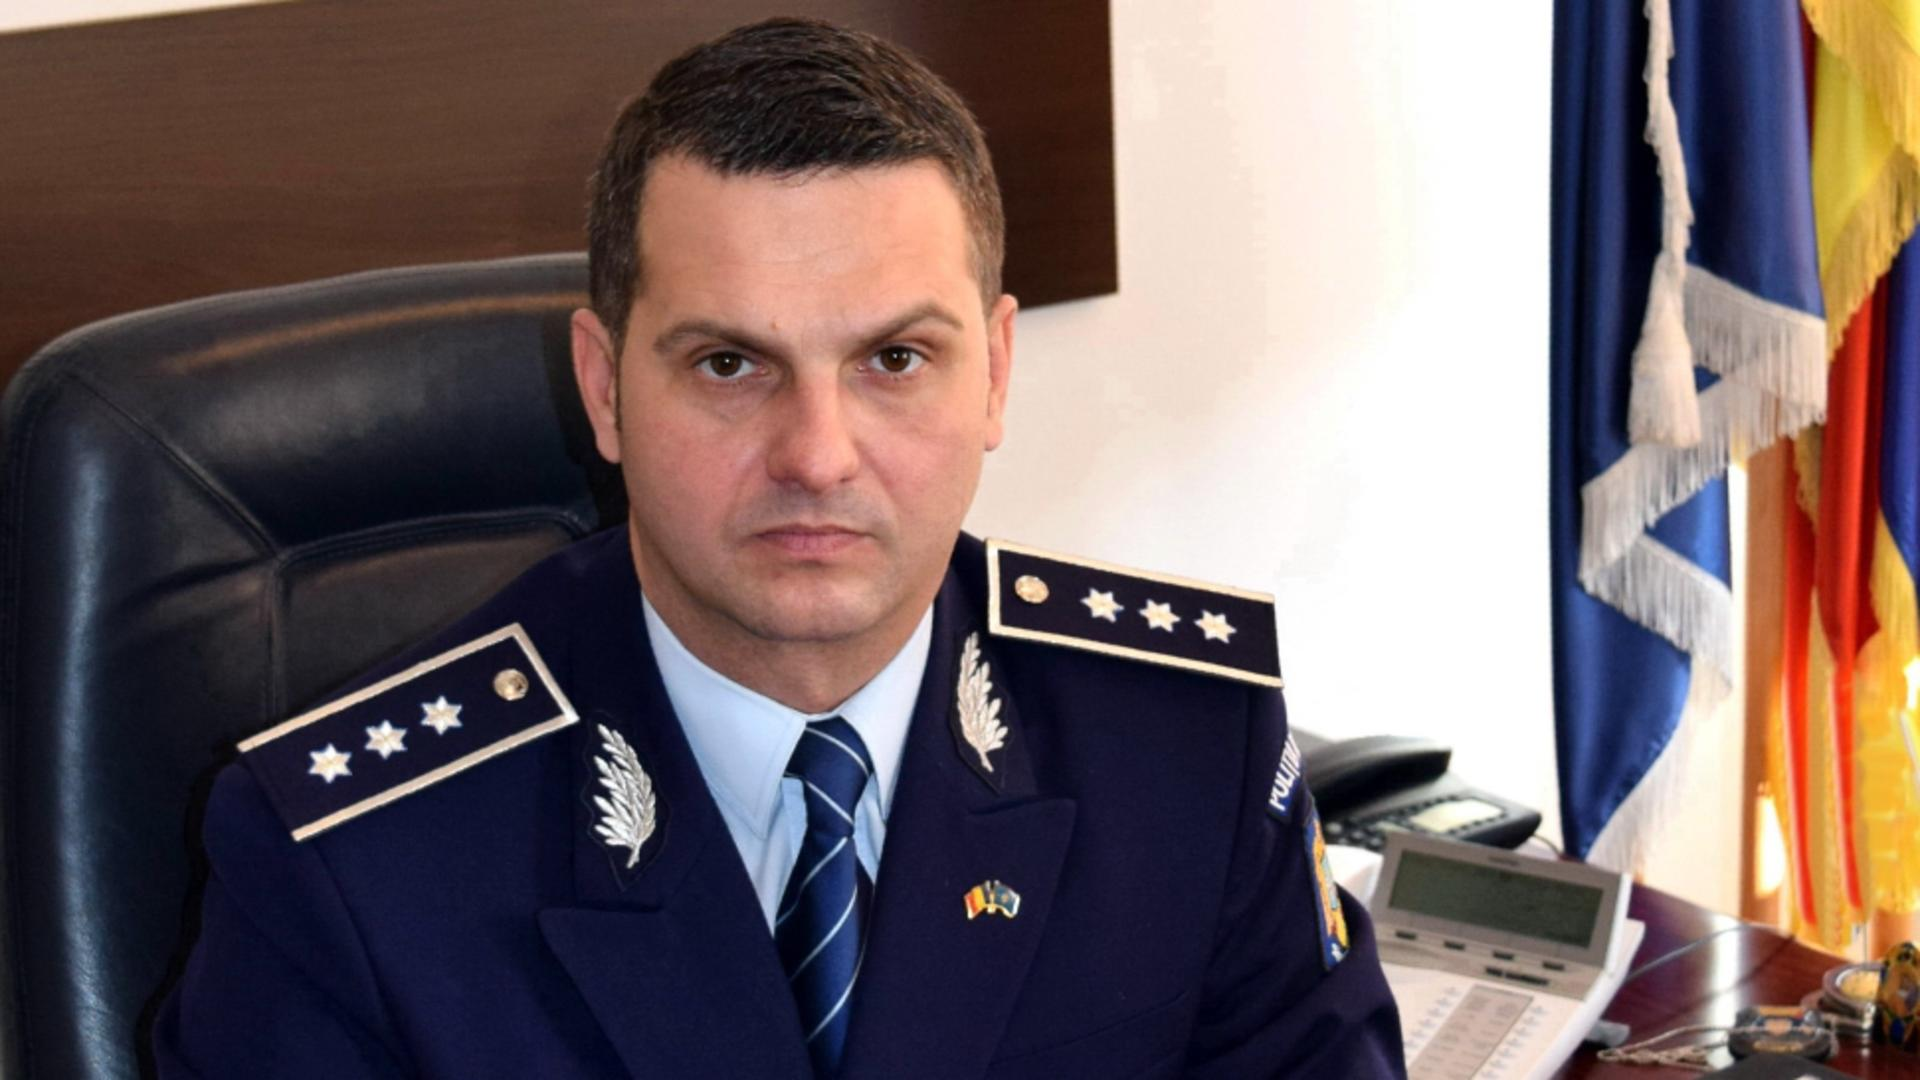 Comisarul-șef Bogdan Berechet - șef plin al Poliției Capitalei după ce a câștigat postul prin concurs